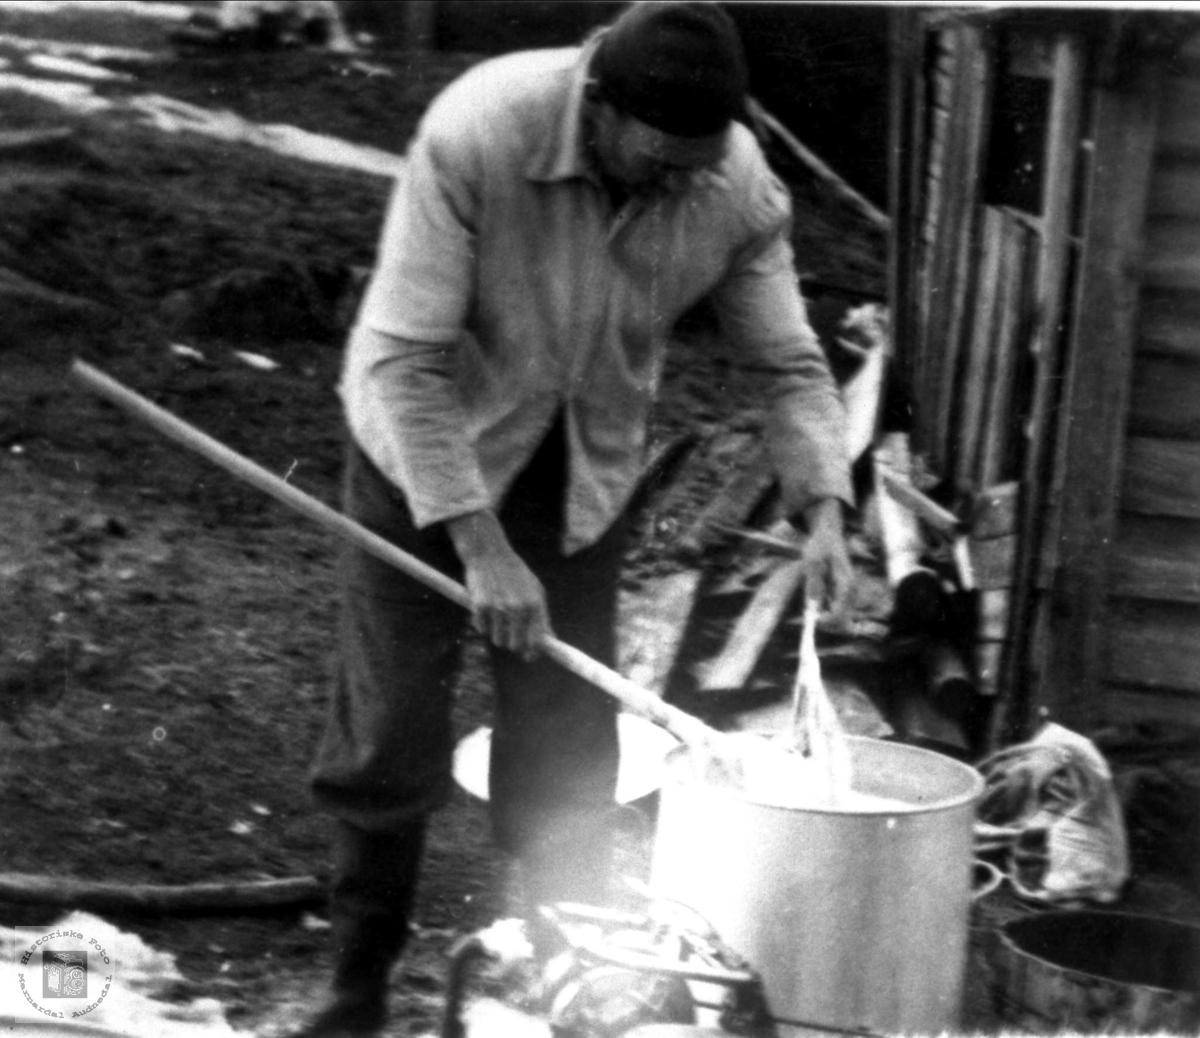 Arne Høye vasker tøy med Jobu motorsag som drivkraft. Høye Øyslebø.